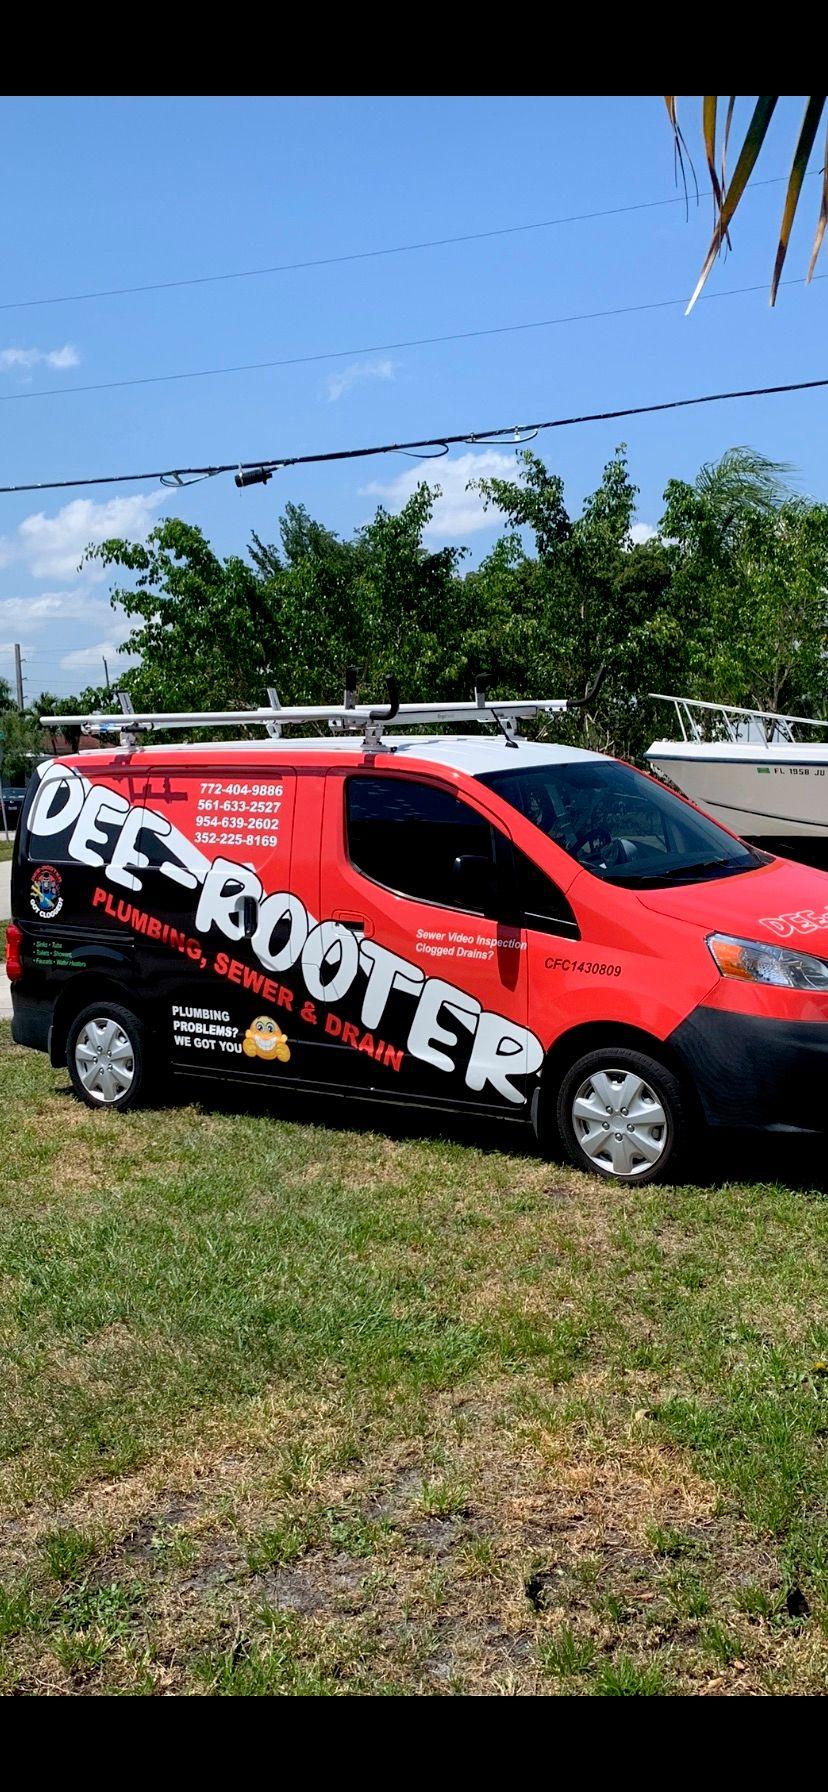 Dee rooter